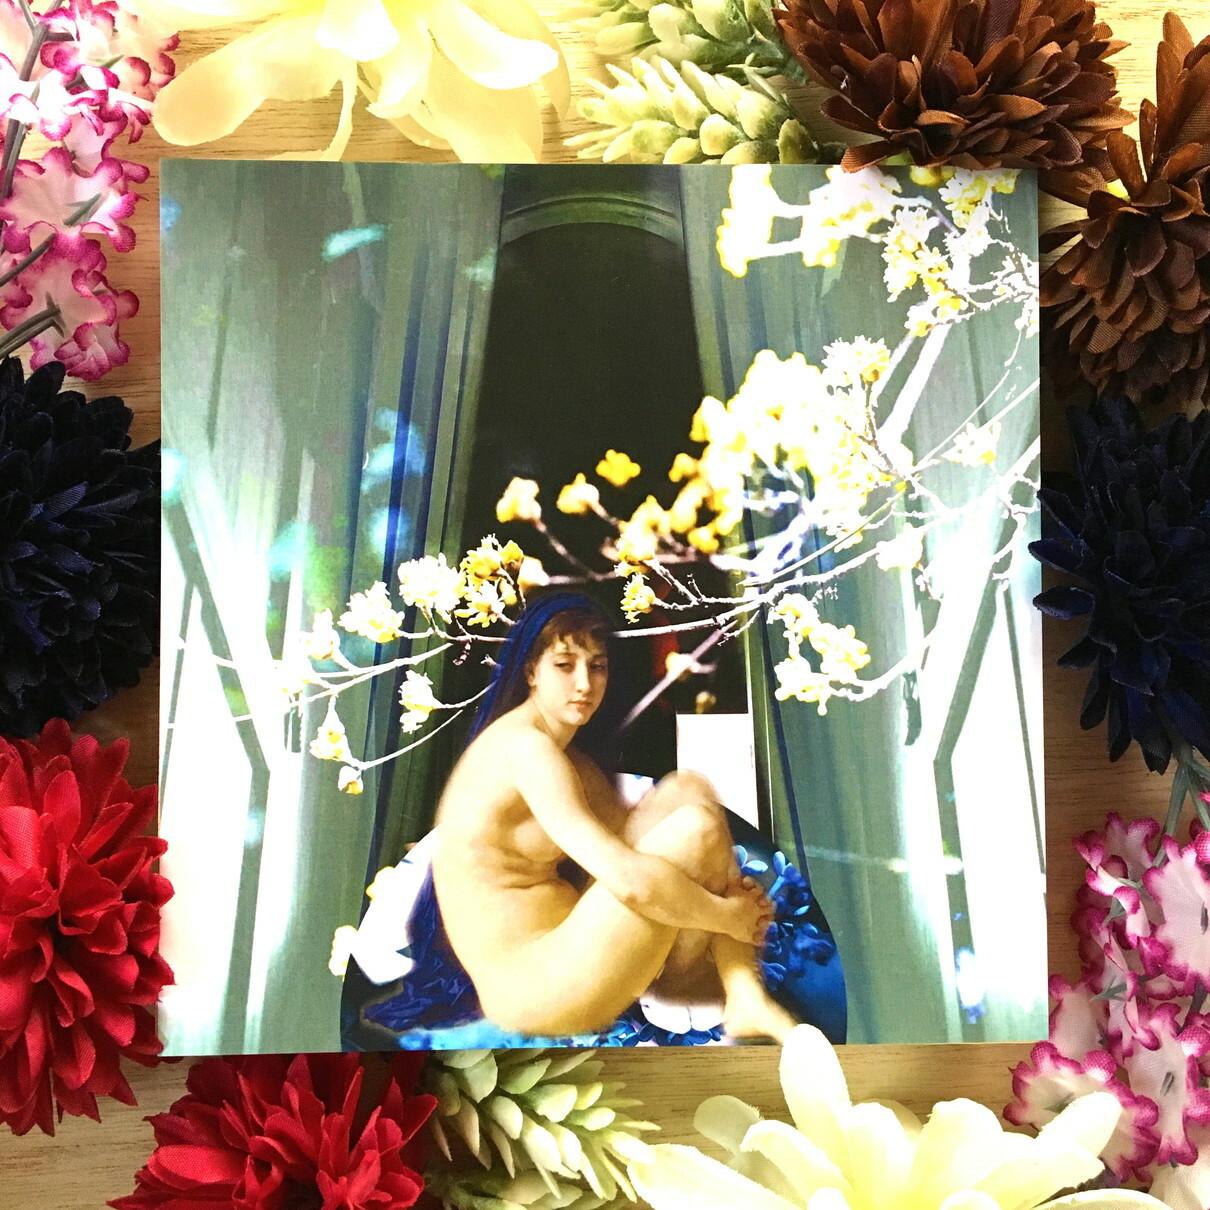 絵画 縁起画 モダン シェアハウス アートパネル アート 水彩画 自然 人物画 14cm×14cm 一人暮らし 送料無料 インテリア アートパネル 雑貨 壁掛け 置物 おしゃれ 画家 : MIYUKI K 作品 : 青春